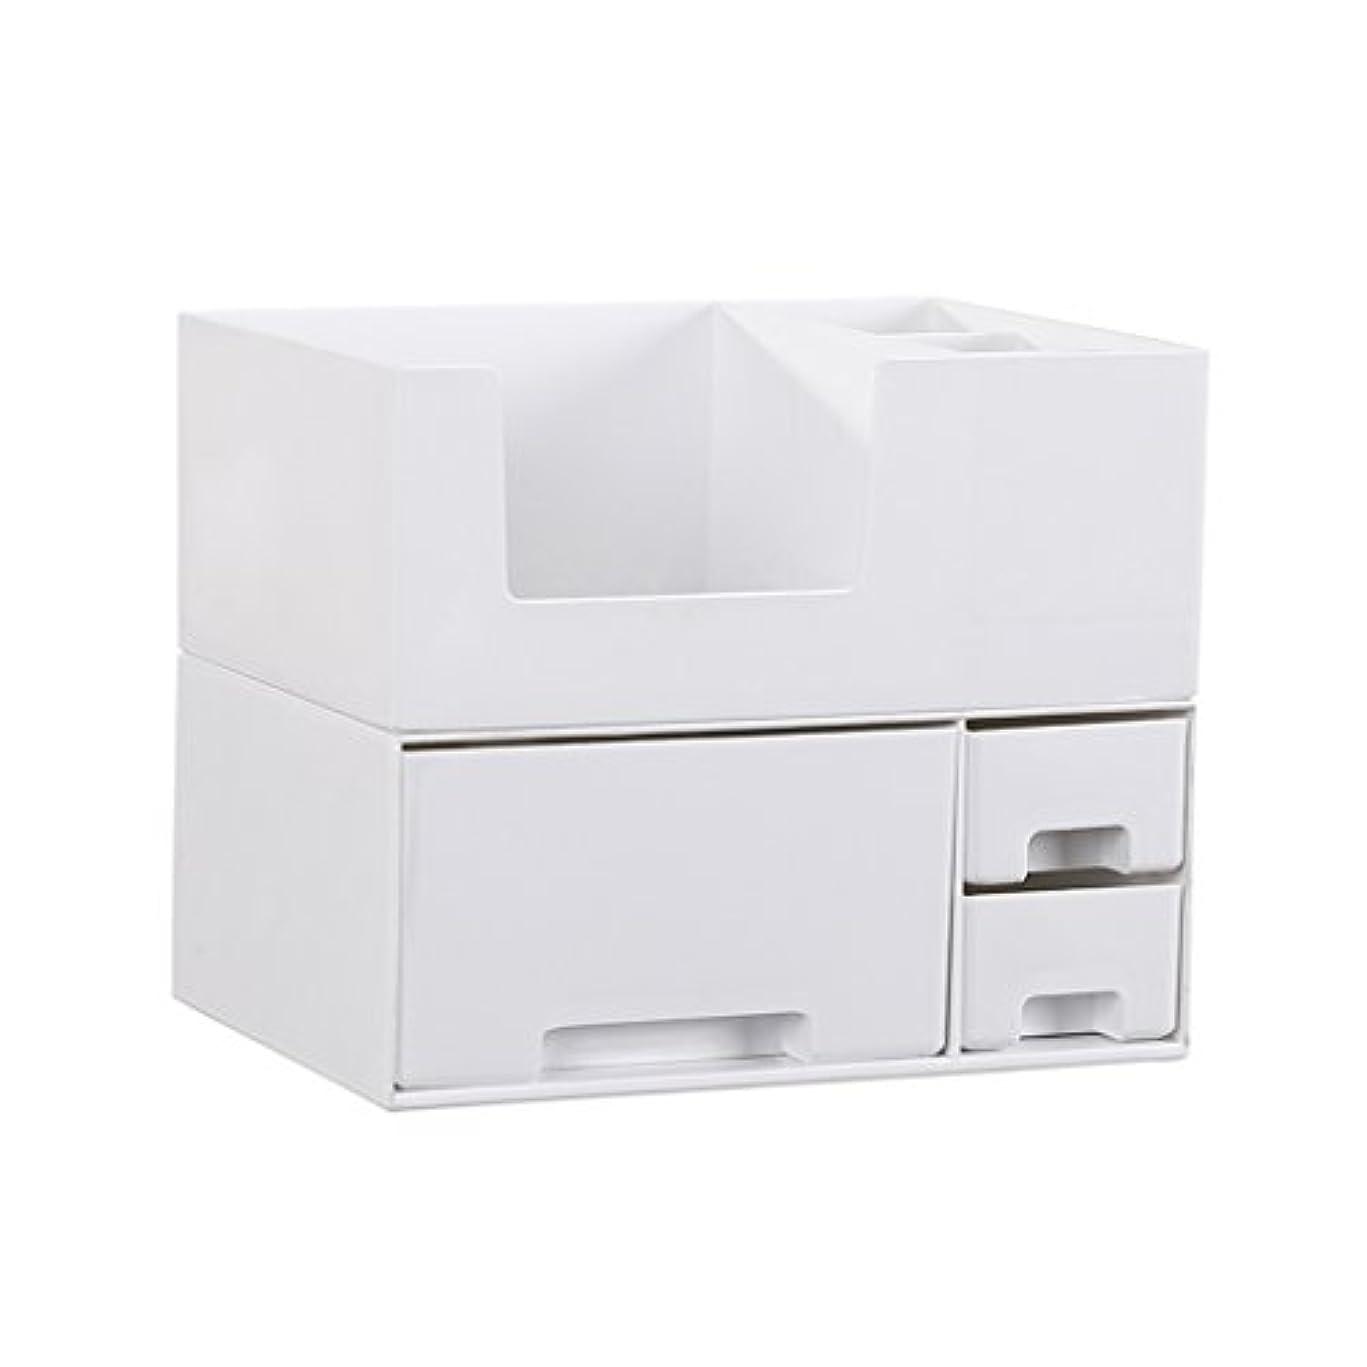 怠なビタミンインストラクターデスクトップ化粧品収納ボックス、スキンケア製品、フェイシャルマスク、ジュエリー、収納ラック、白い2階建て多目的収納ボックス